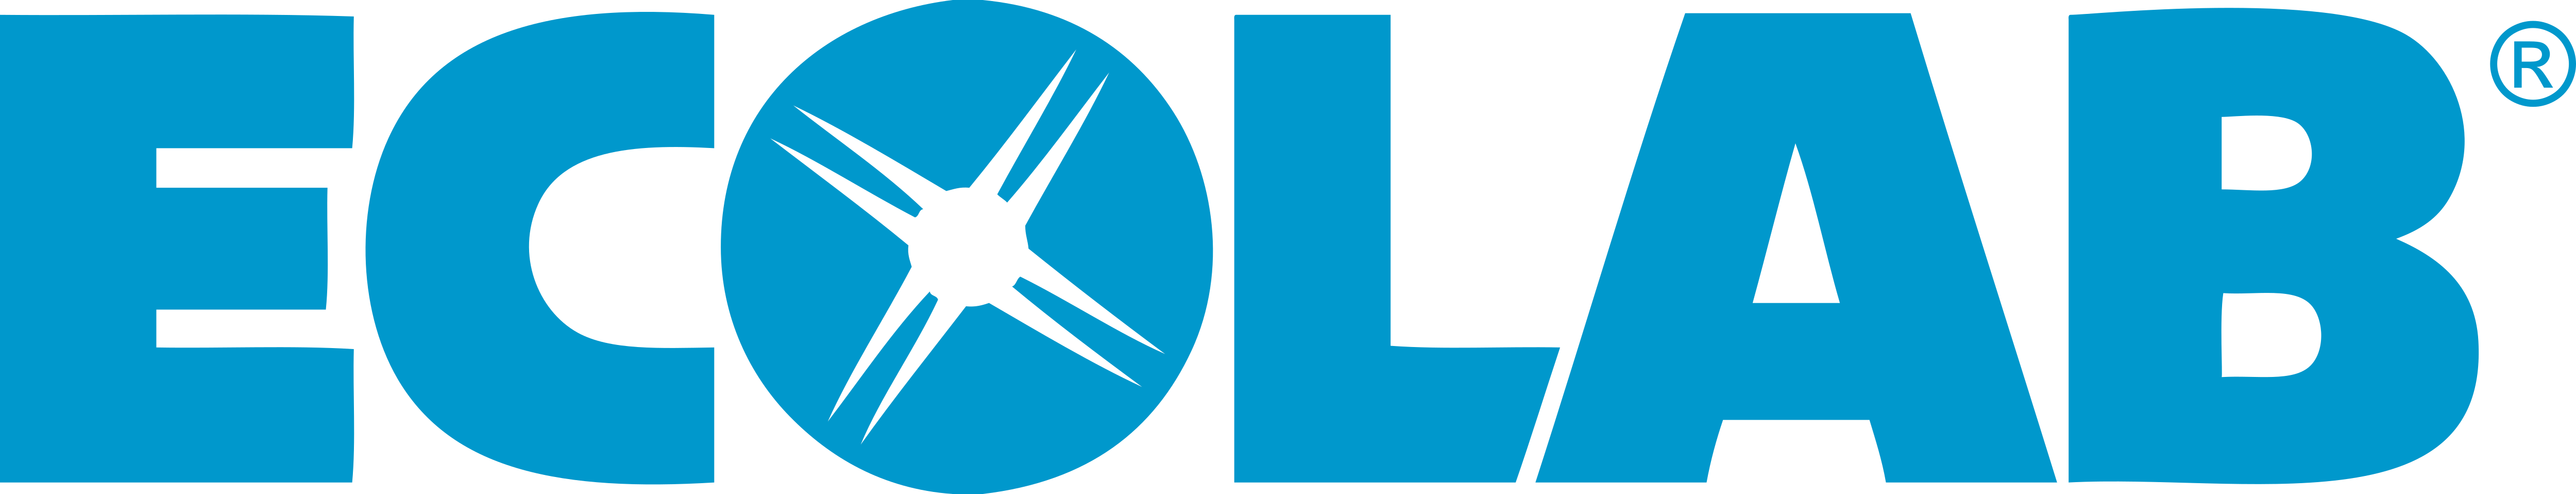 Ecolab – Logos Download